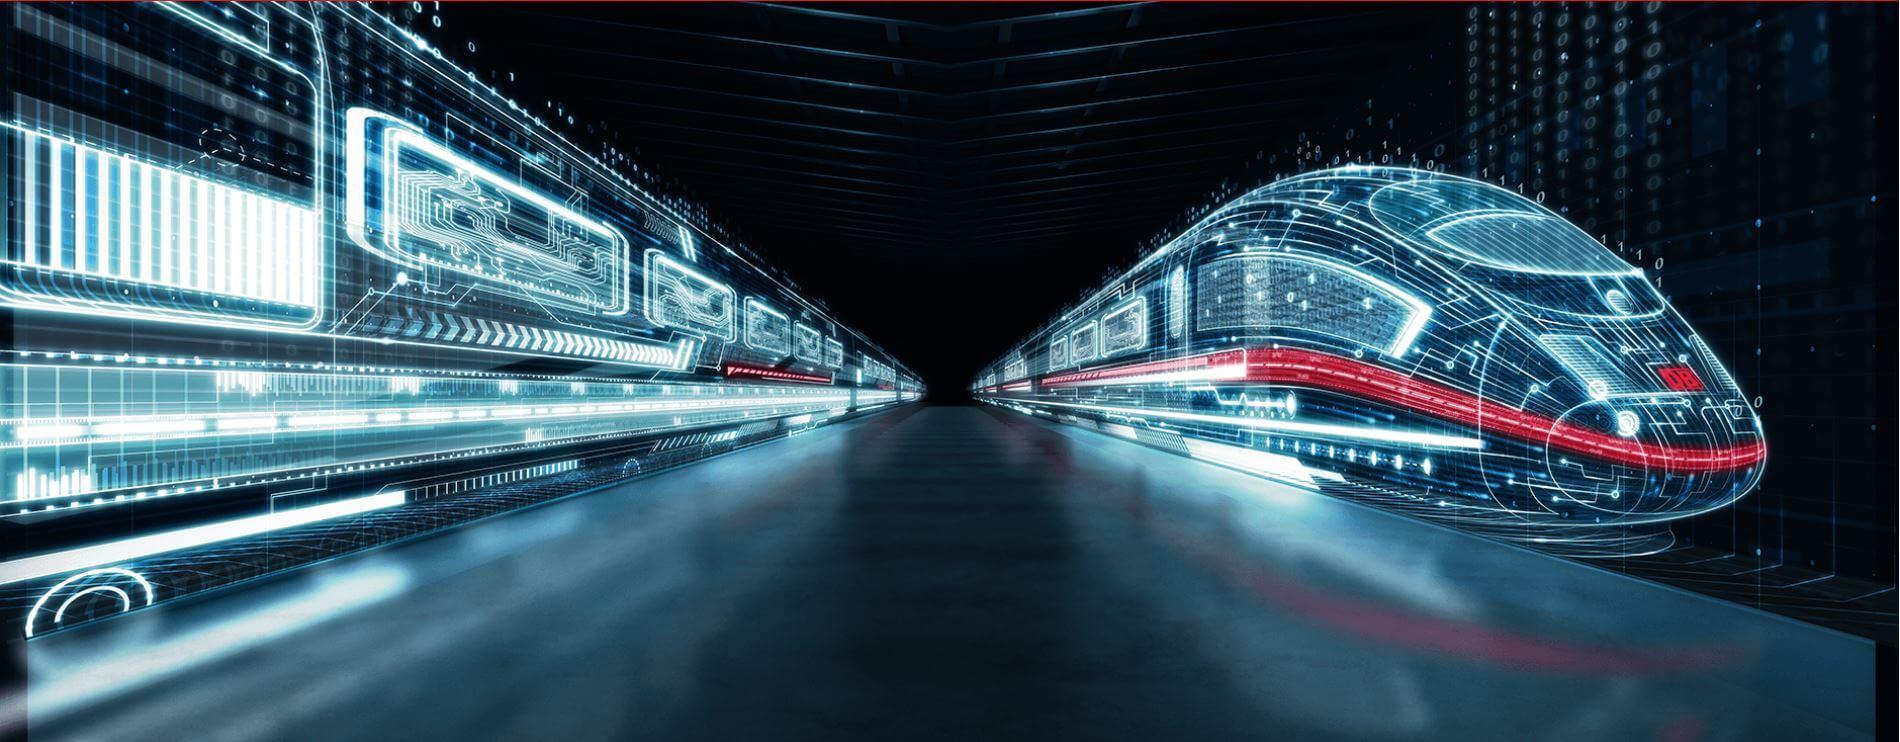 Referenz DB Kommunikationstechnik arbeitet mit GEDYS IntraWare CRM